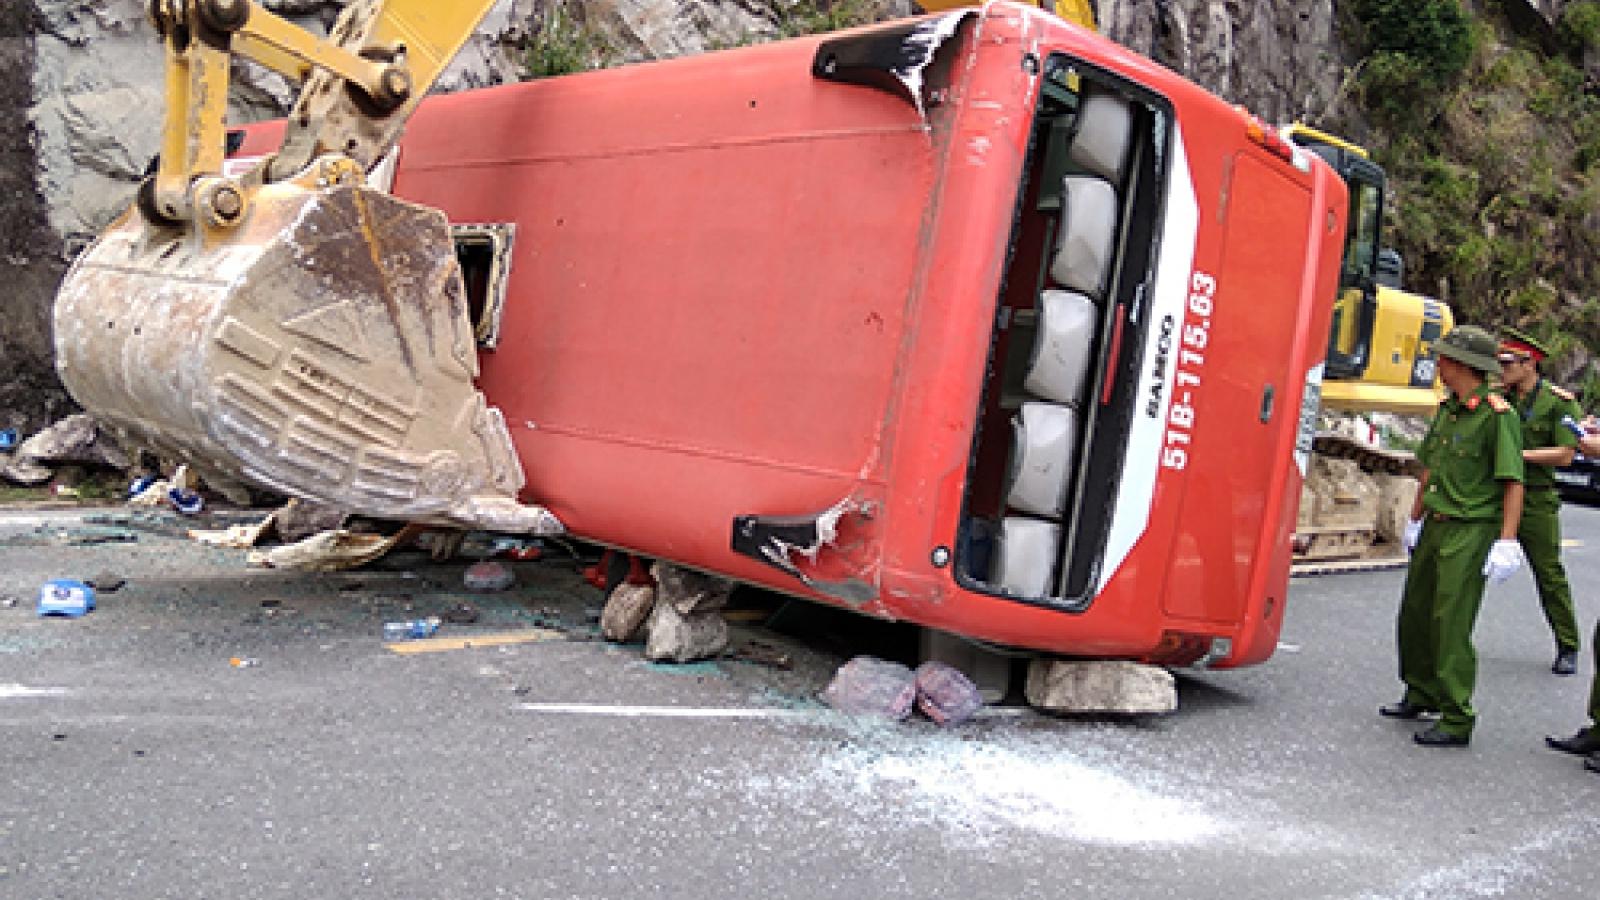 Cả nước có 18 người chết vì tai nạn giao thông trong 3 ngày nghỉ lễ Quốc khánh 2/9